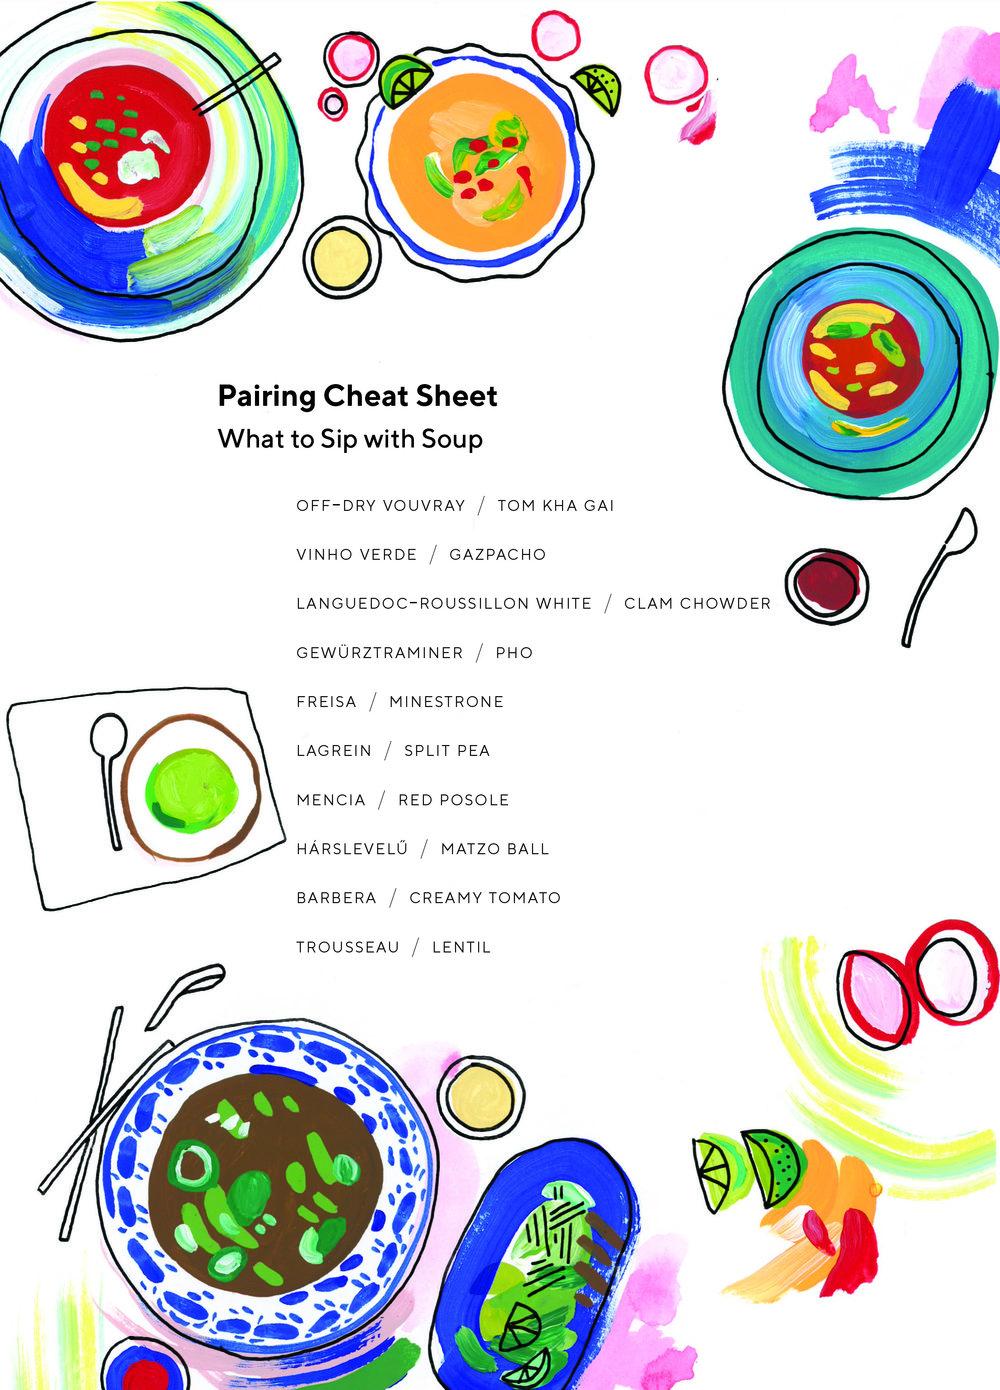 soup pairing image.jpg